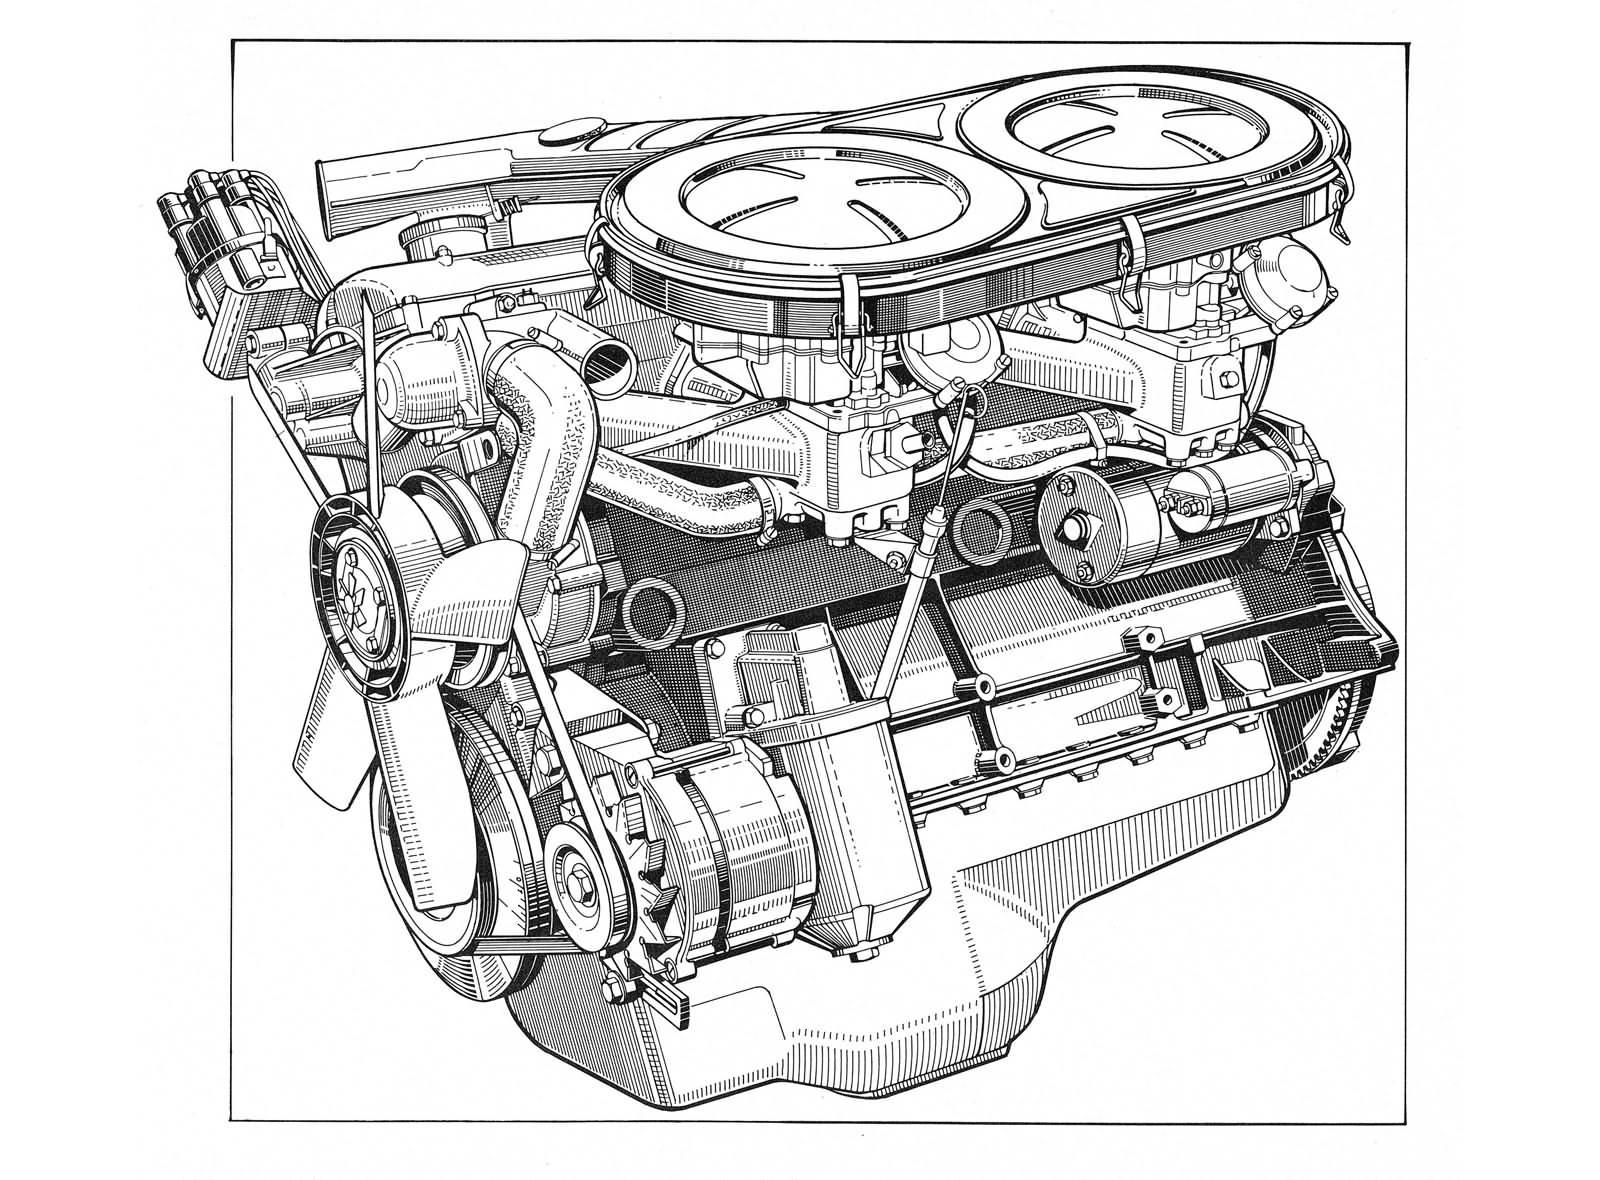 1968 - BMW 2500 Motor, berühmt für seinen Turbinenartigen Lauf